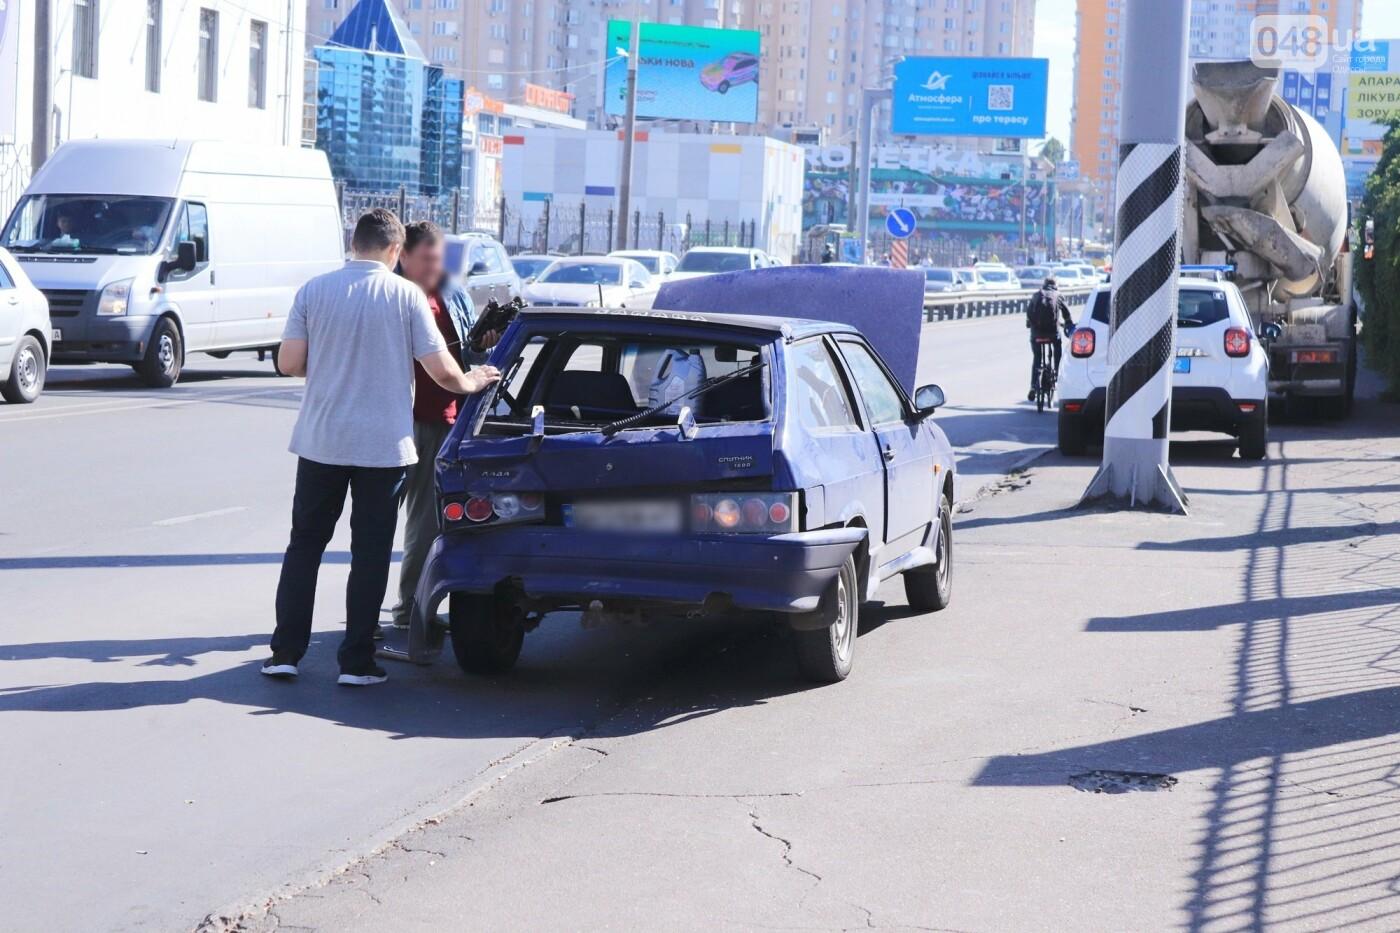 Могли взорваться: в Одессе КАМАЗ протаранил на светофоре легковушку с баллоном газа в багажнике, - ФОТО , фото-12